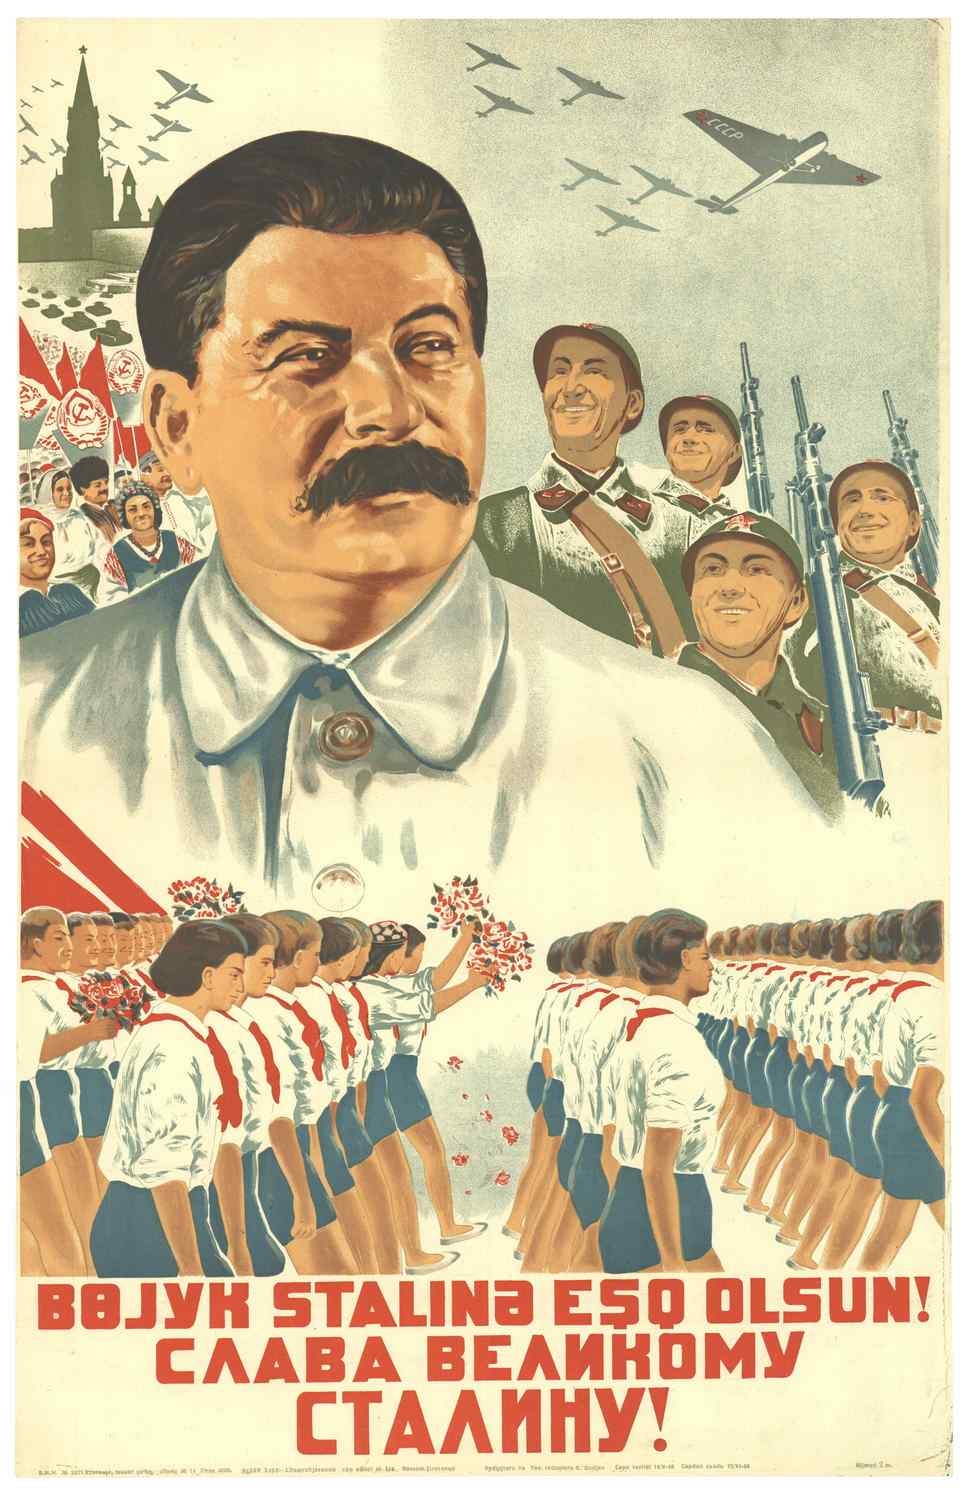 Stalin oficjalnie potępił eugenikę, jednak i on marzył o uczynieniu z Rosjan rasy idealnej. Pseudo-naukowcy, których zatrudniał pracowali nad takimi pomysłami jak próby skrzyżowania człowieka z szympansem czy taśmowego zapładniania kobiet… Na ilustracji fragment propagandowego plakatu z 1938 roku.